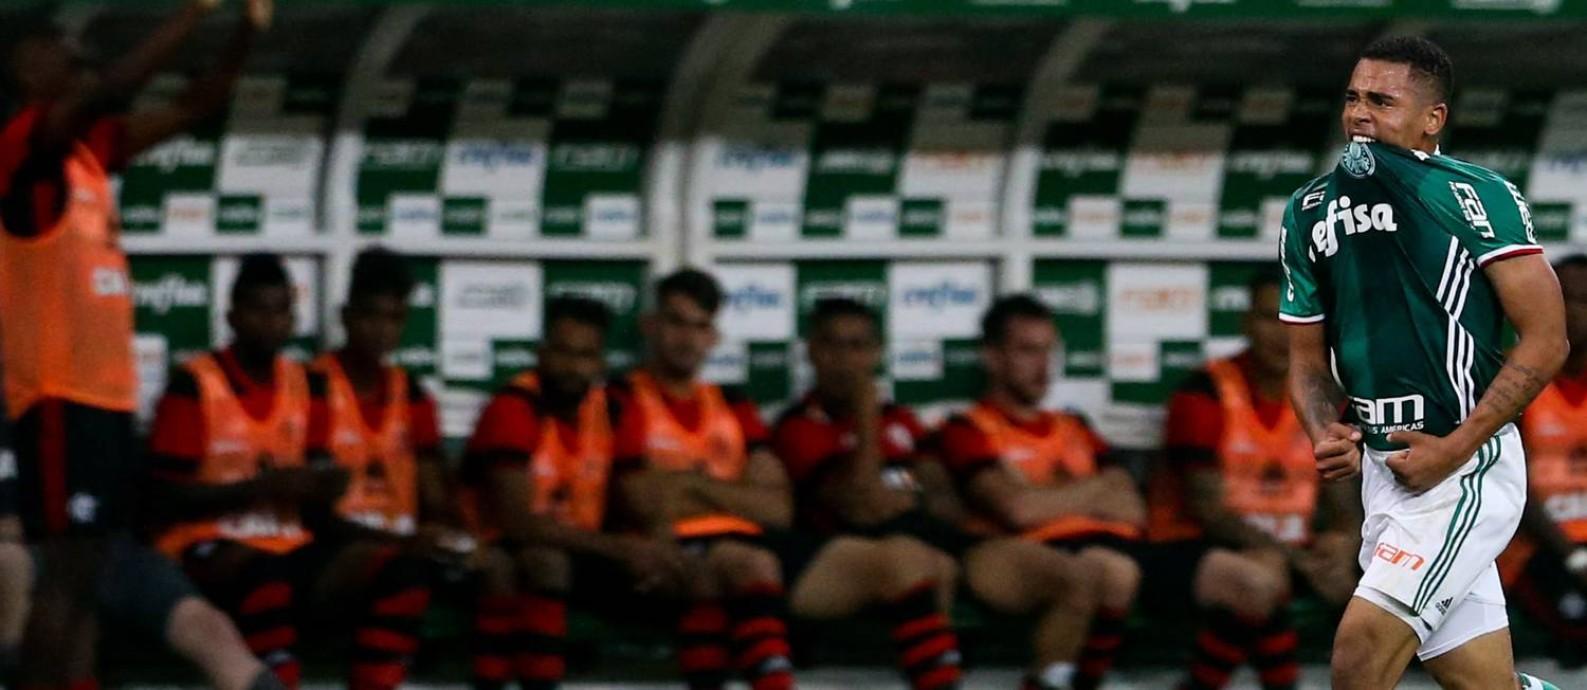 O Palmeiras, do artilheiro Gabriel Jesus, lidera o Campeonato Brasileiro e tem presença praticamente certa na Libertadores de 2017 Foto: Pedro Kirilos / Agência O Globo